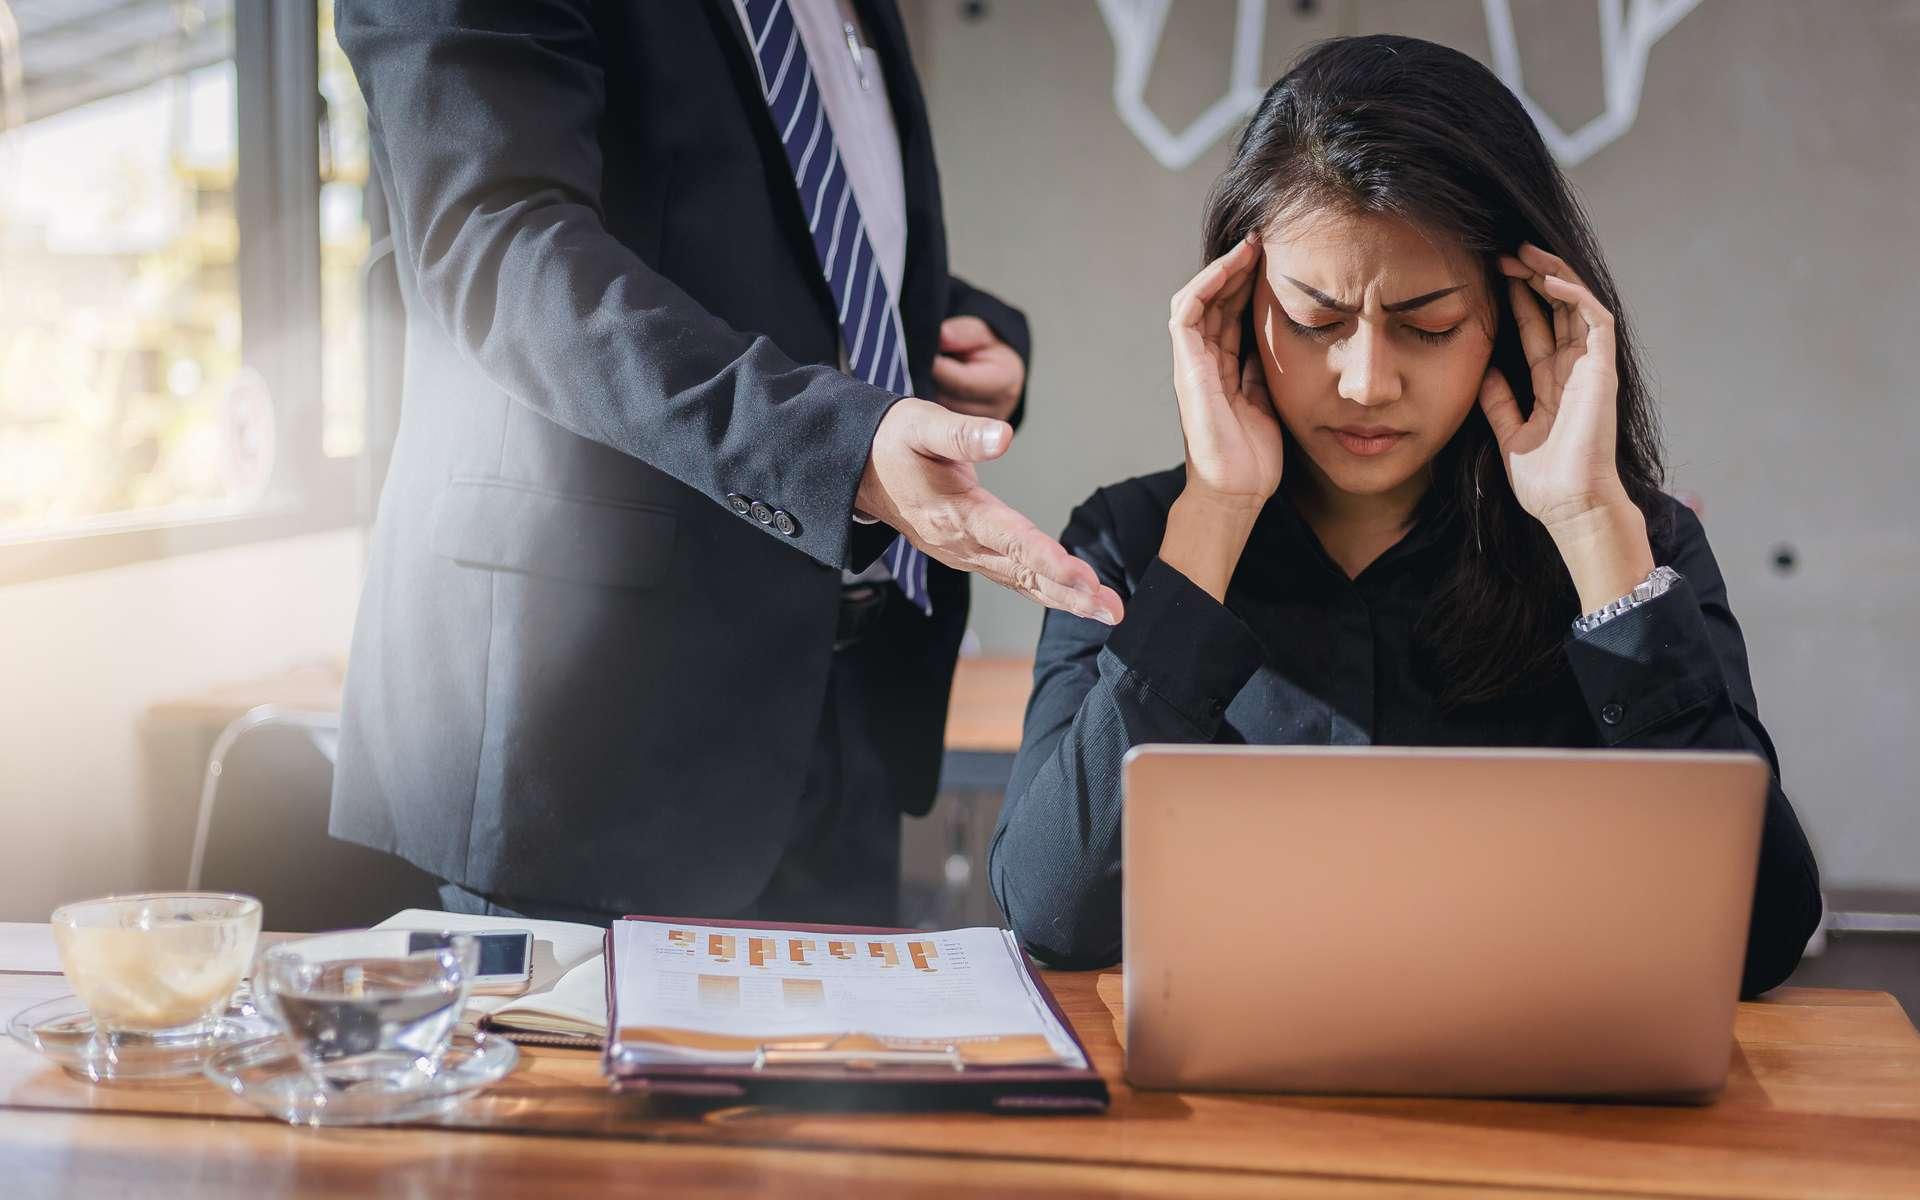 Le conseil de Prud'hommes règle les conflits entre employeur et salarié. © Panumas, Adobe Stock